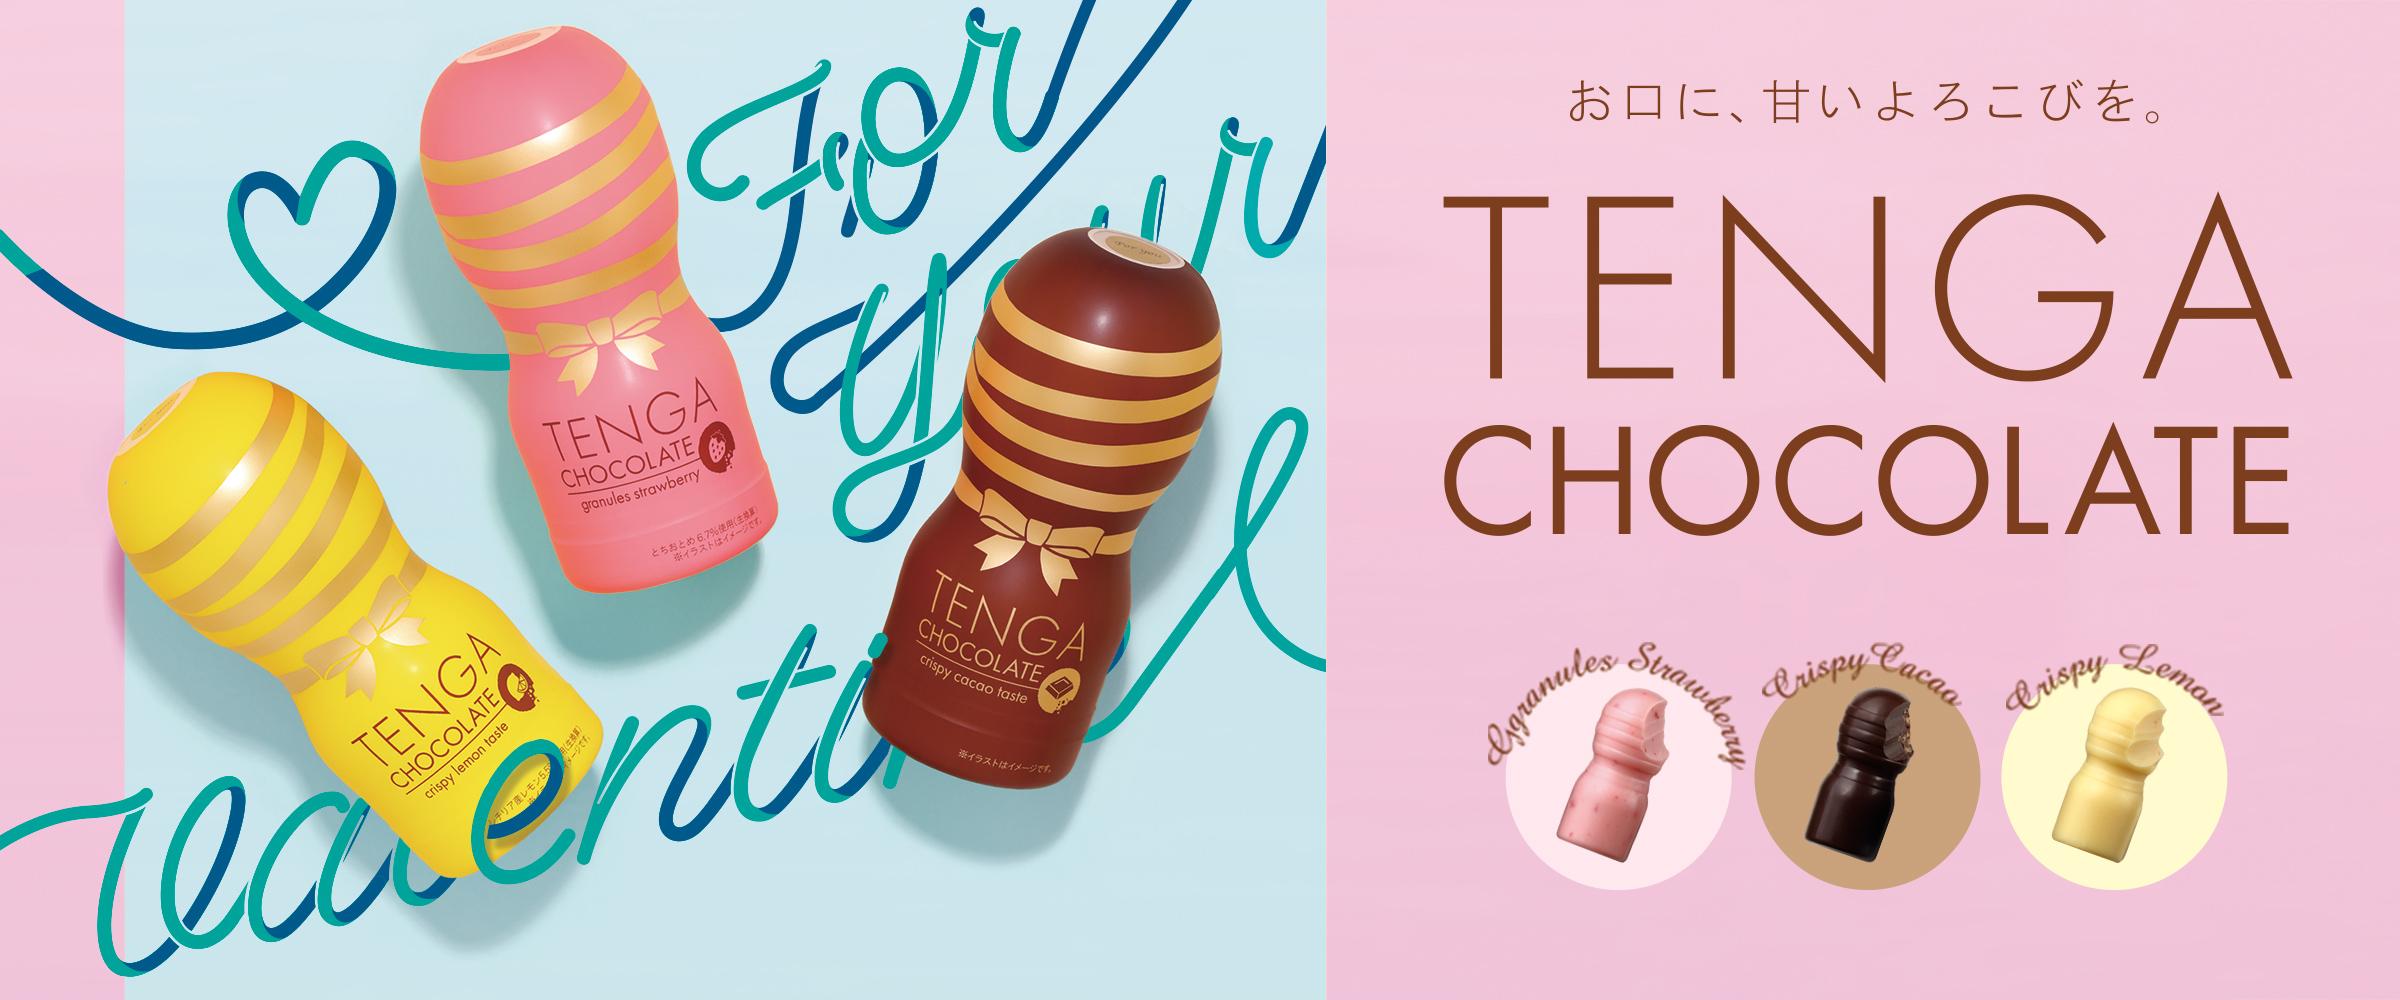 チョコレート特集ページ